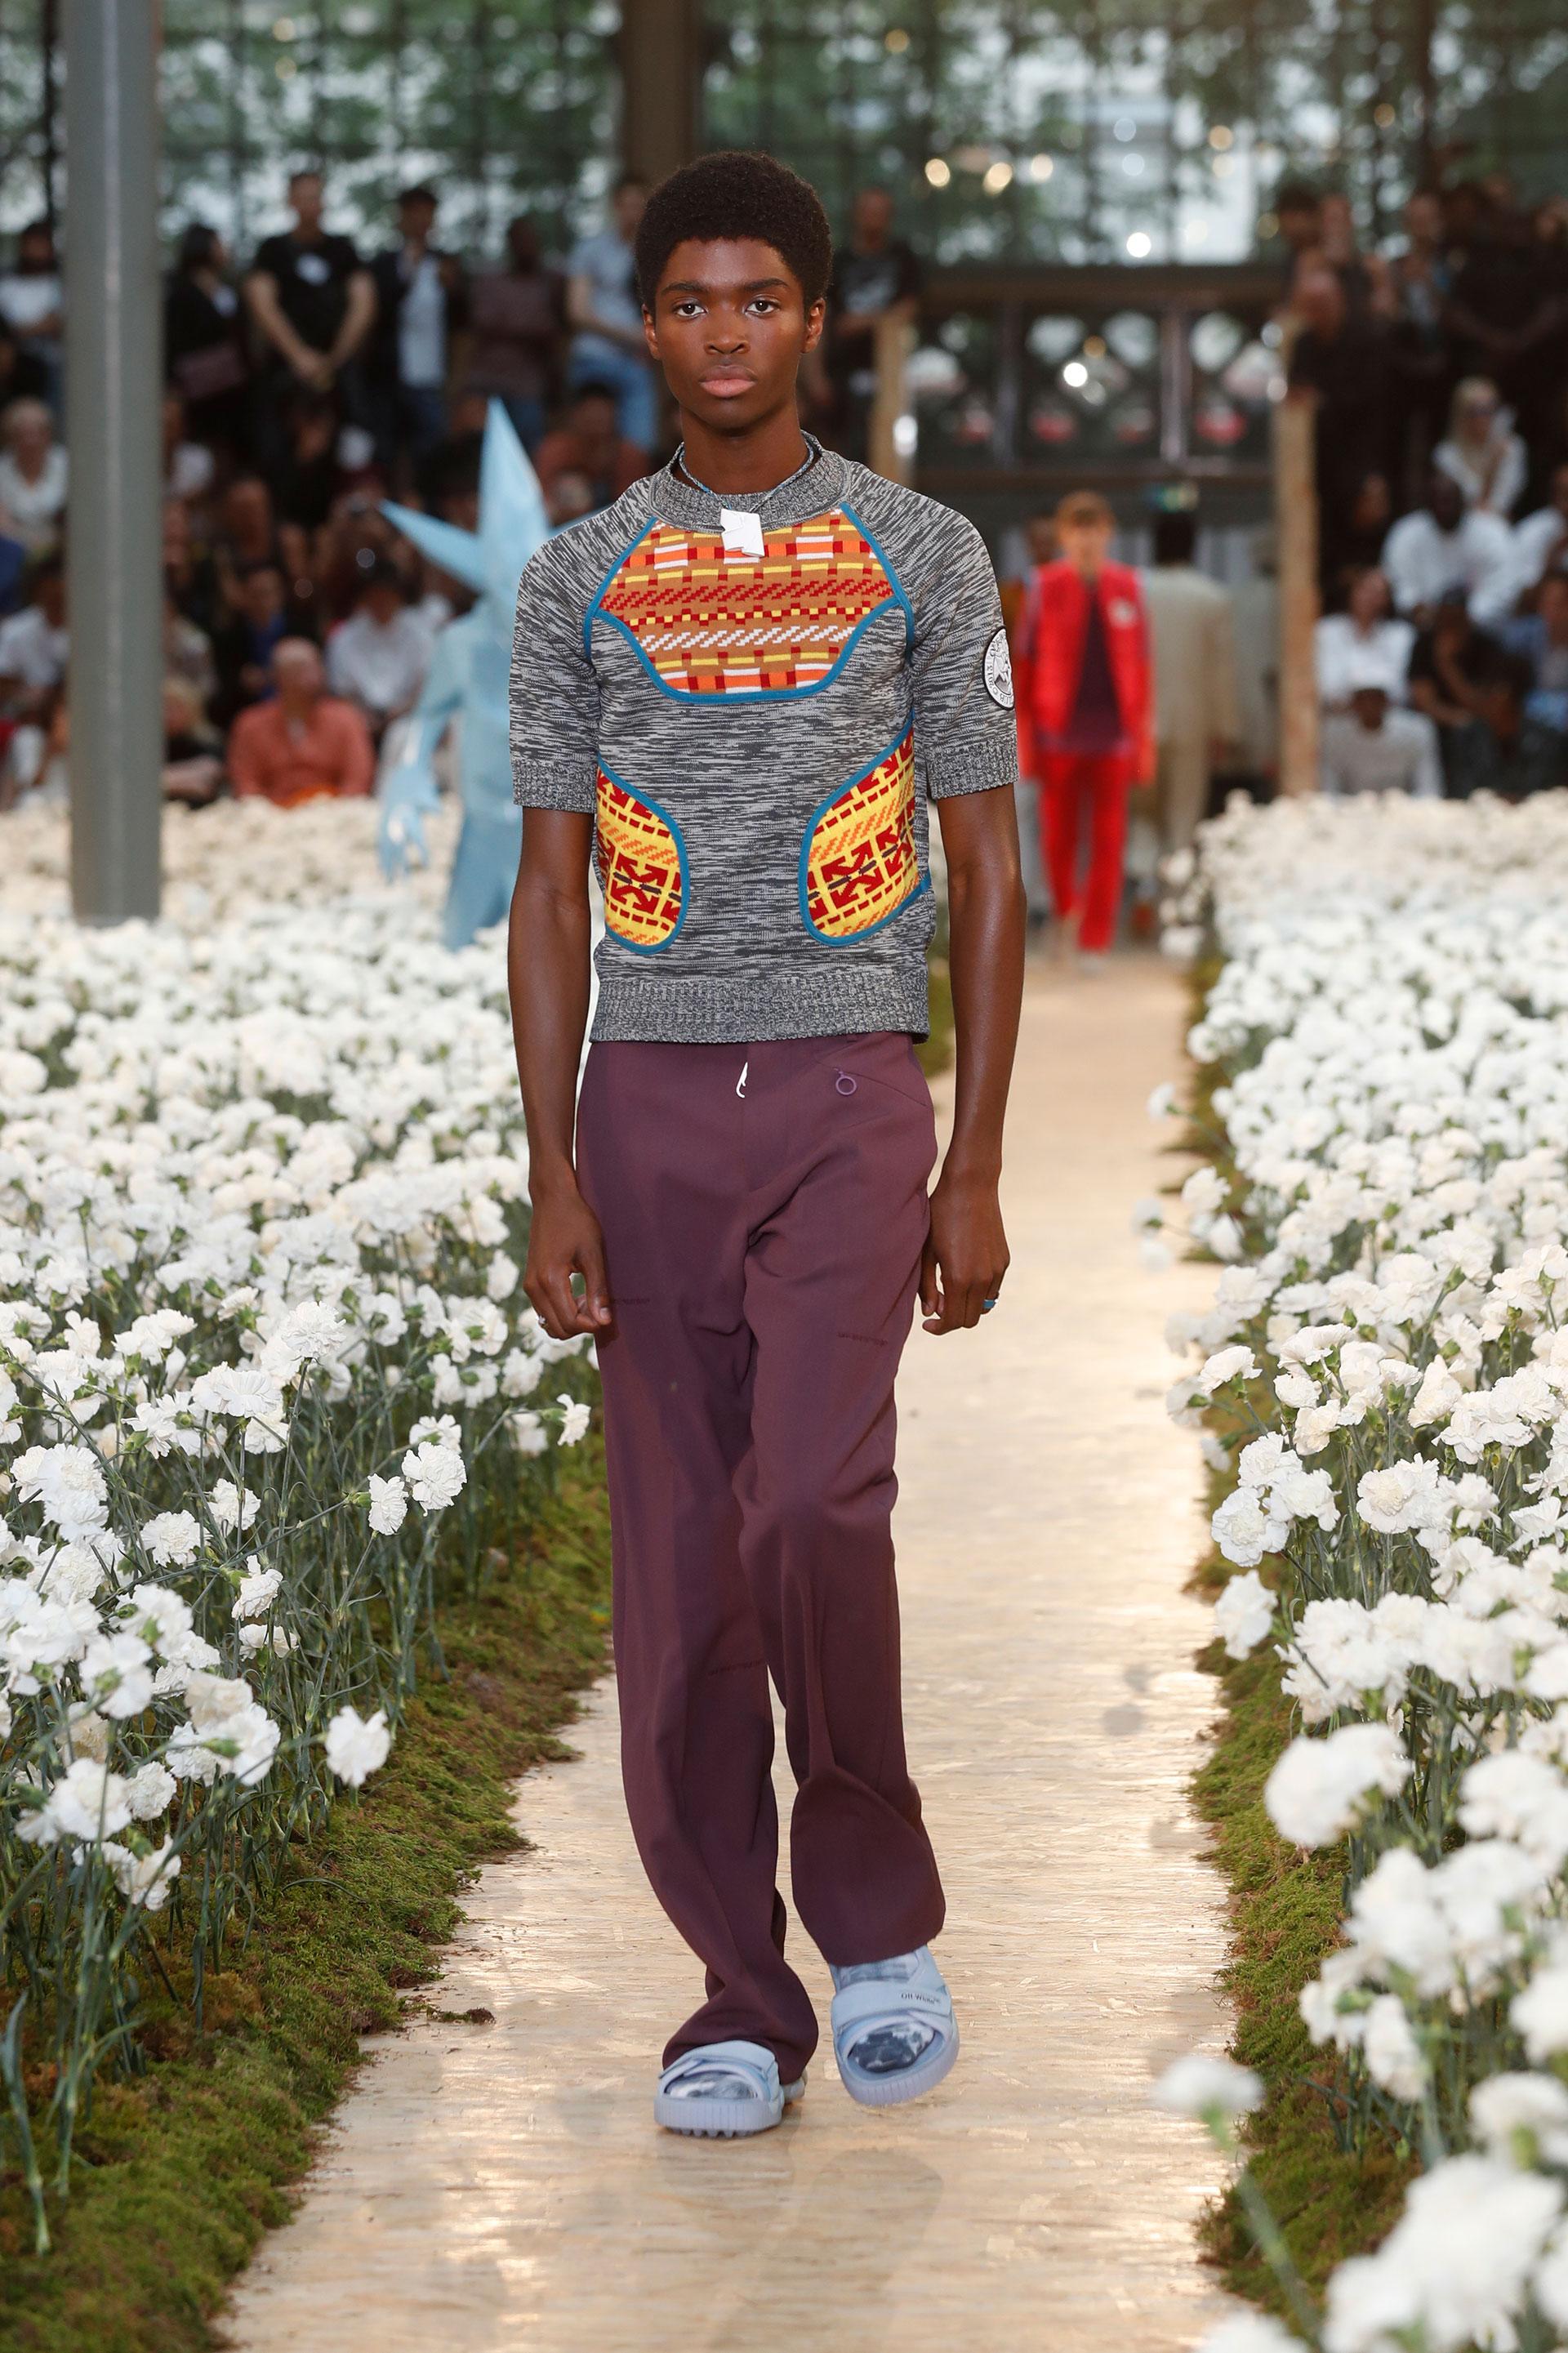 El sweater remera es tendencia para Off-White en verano. Los pantalones sastreros también lo son en color magenta, y las sandalias se usan con medias